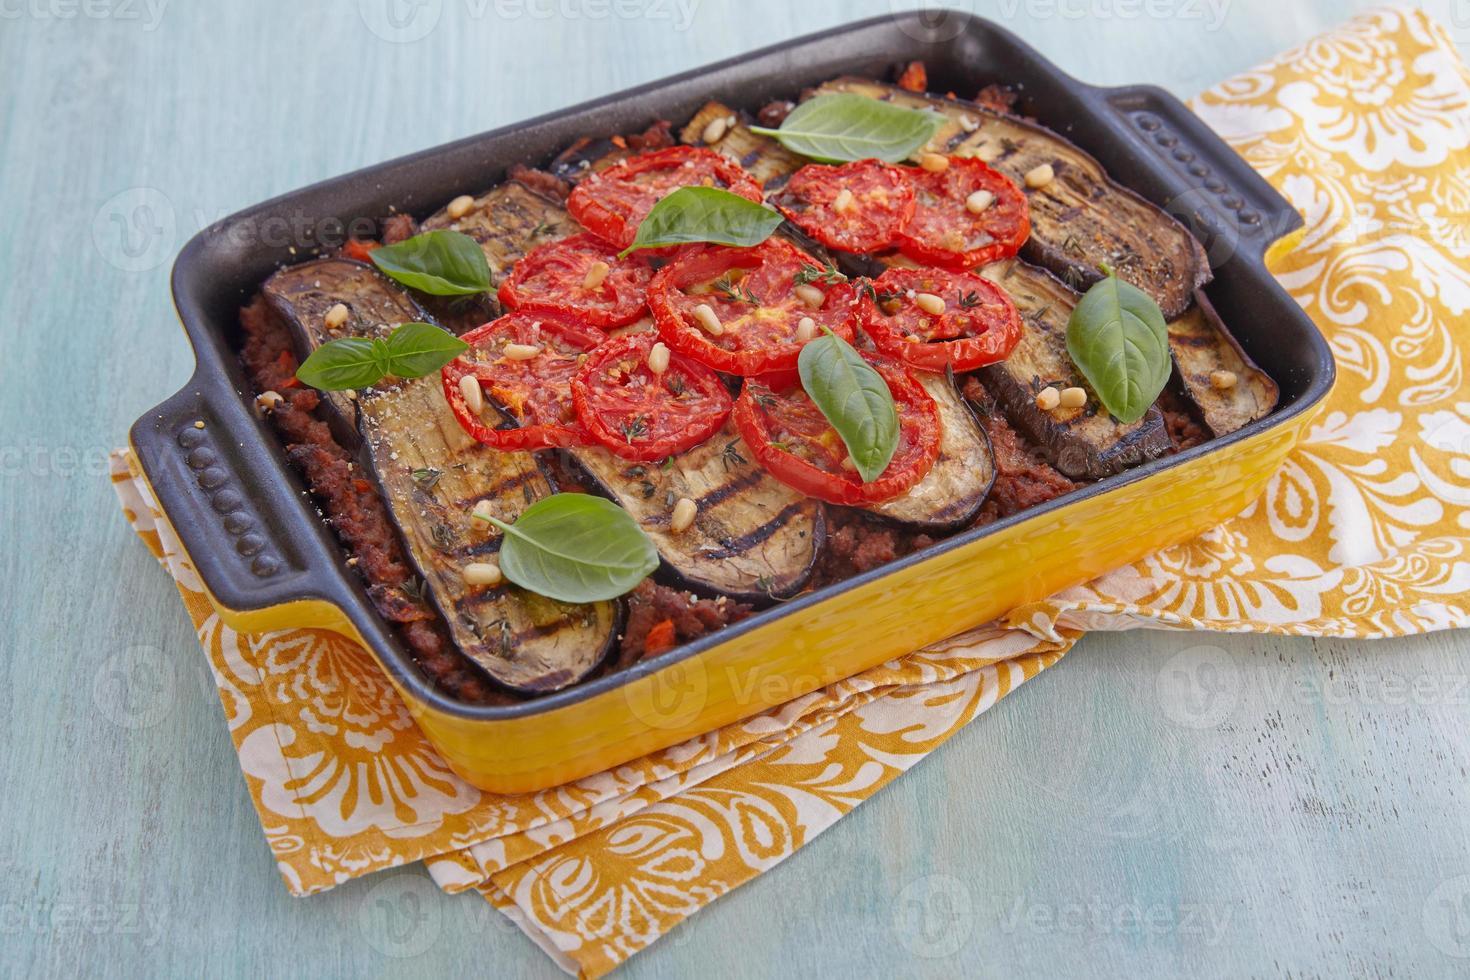 gratinado al horno con carne molida y berenjenas foto